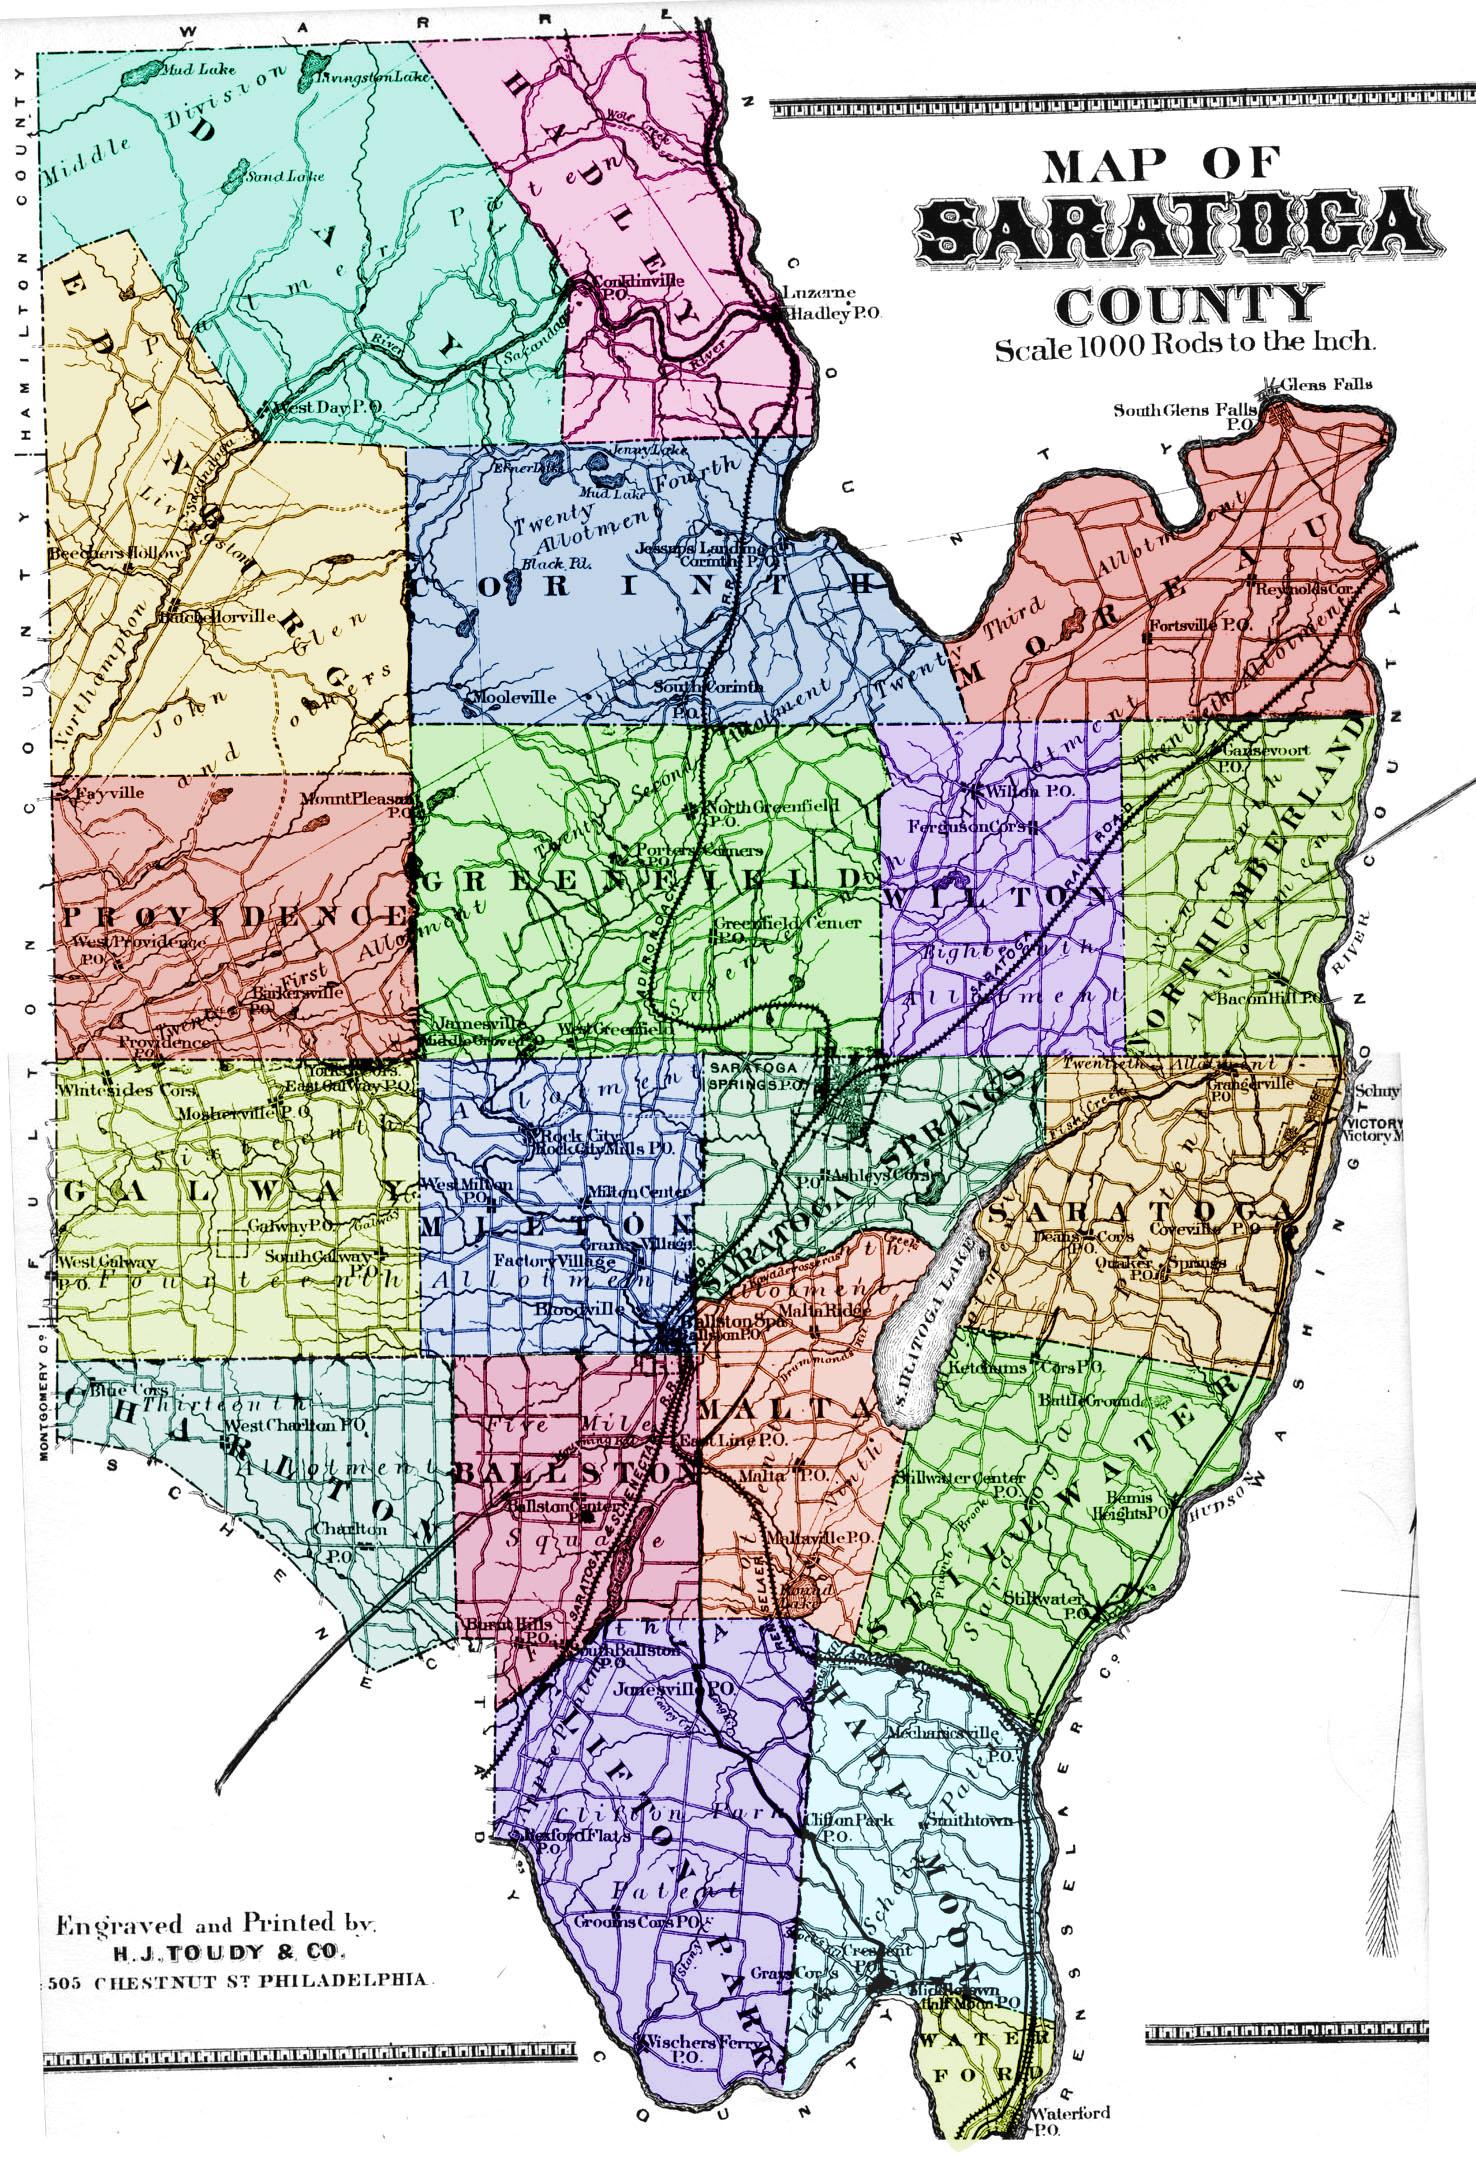 Map of Saratoga County,saratoga county